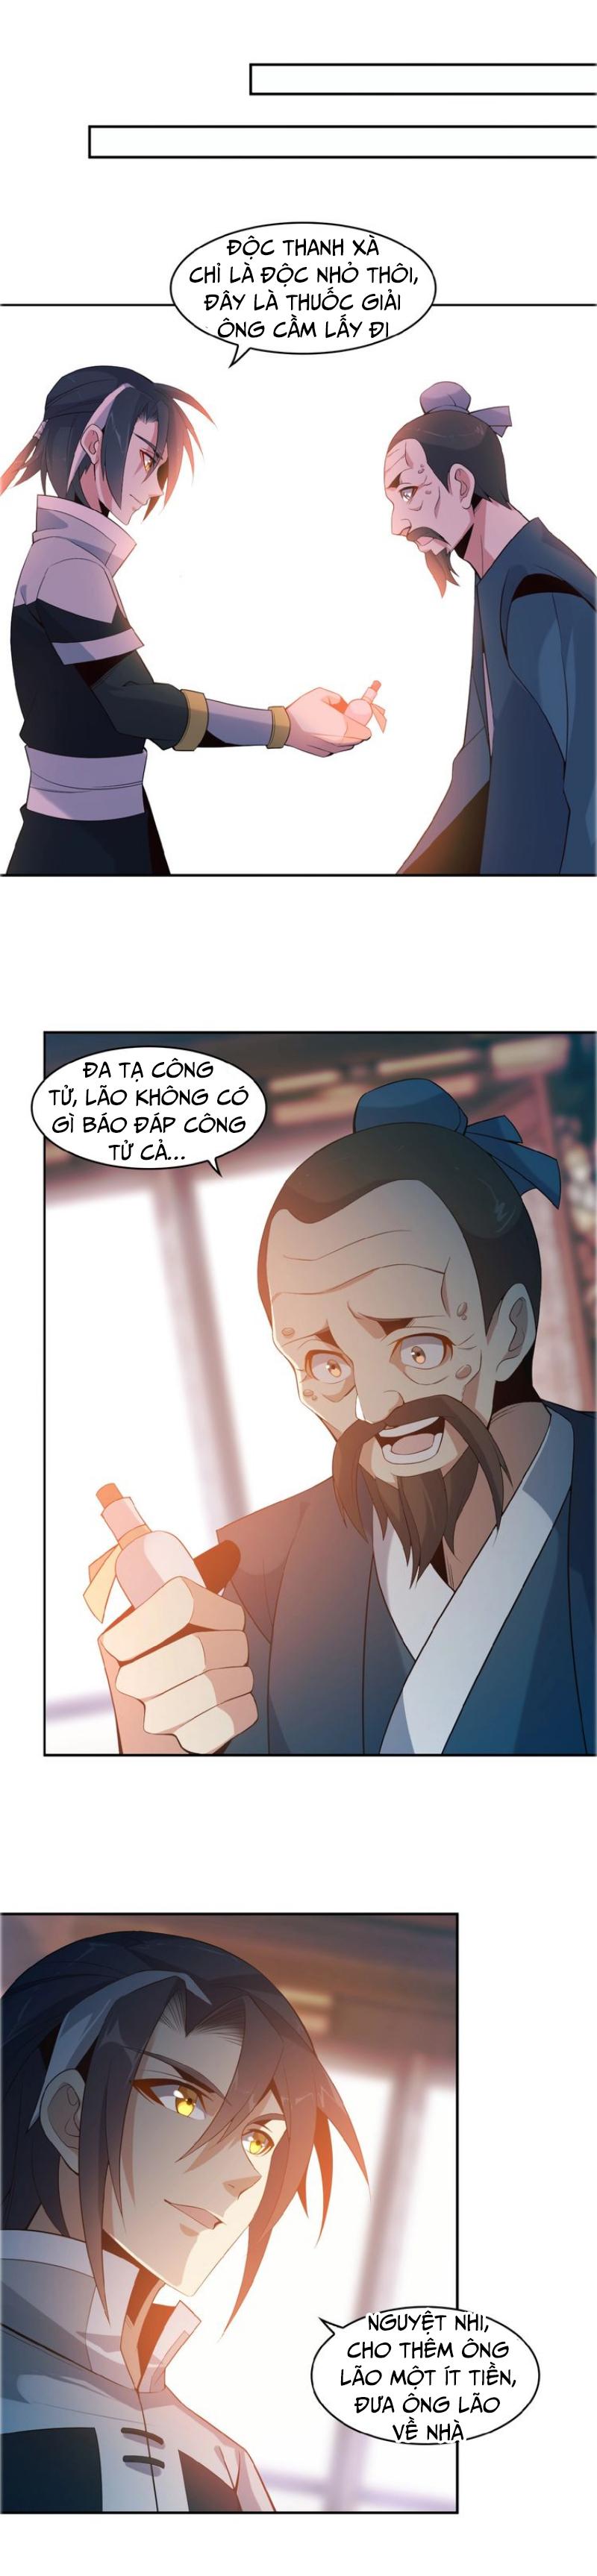 Thôn Phệ Một Thế Giới Tu Tiên: Chapter 7